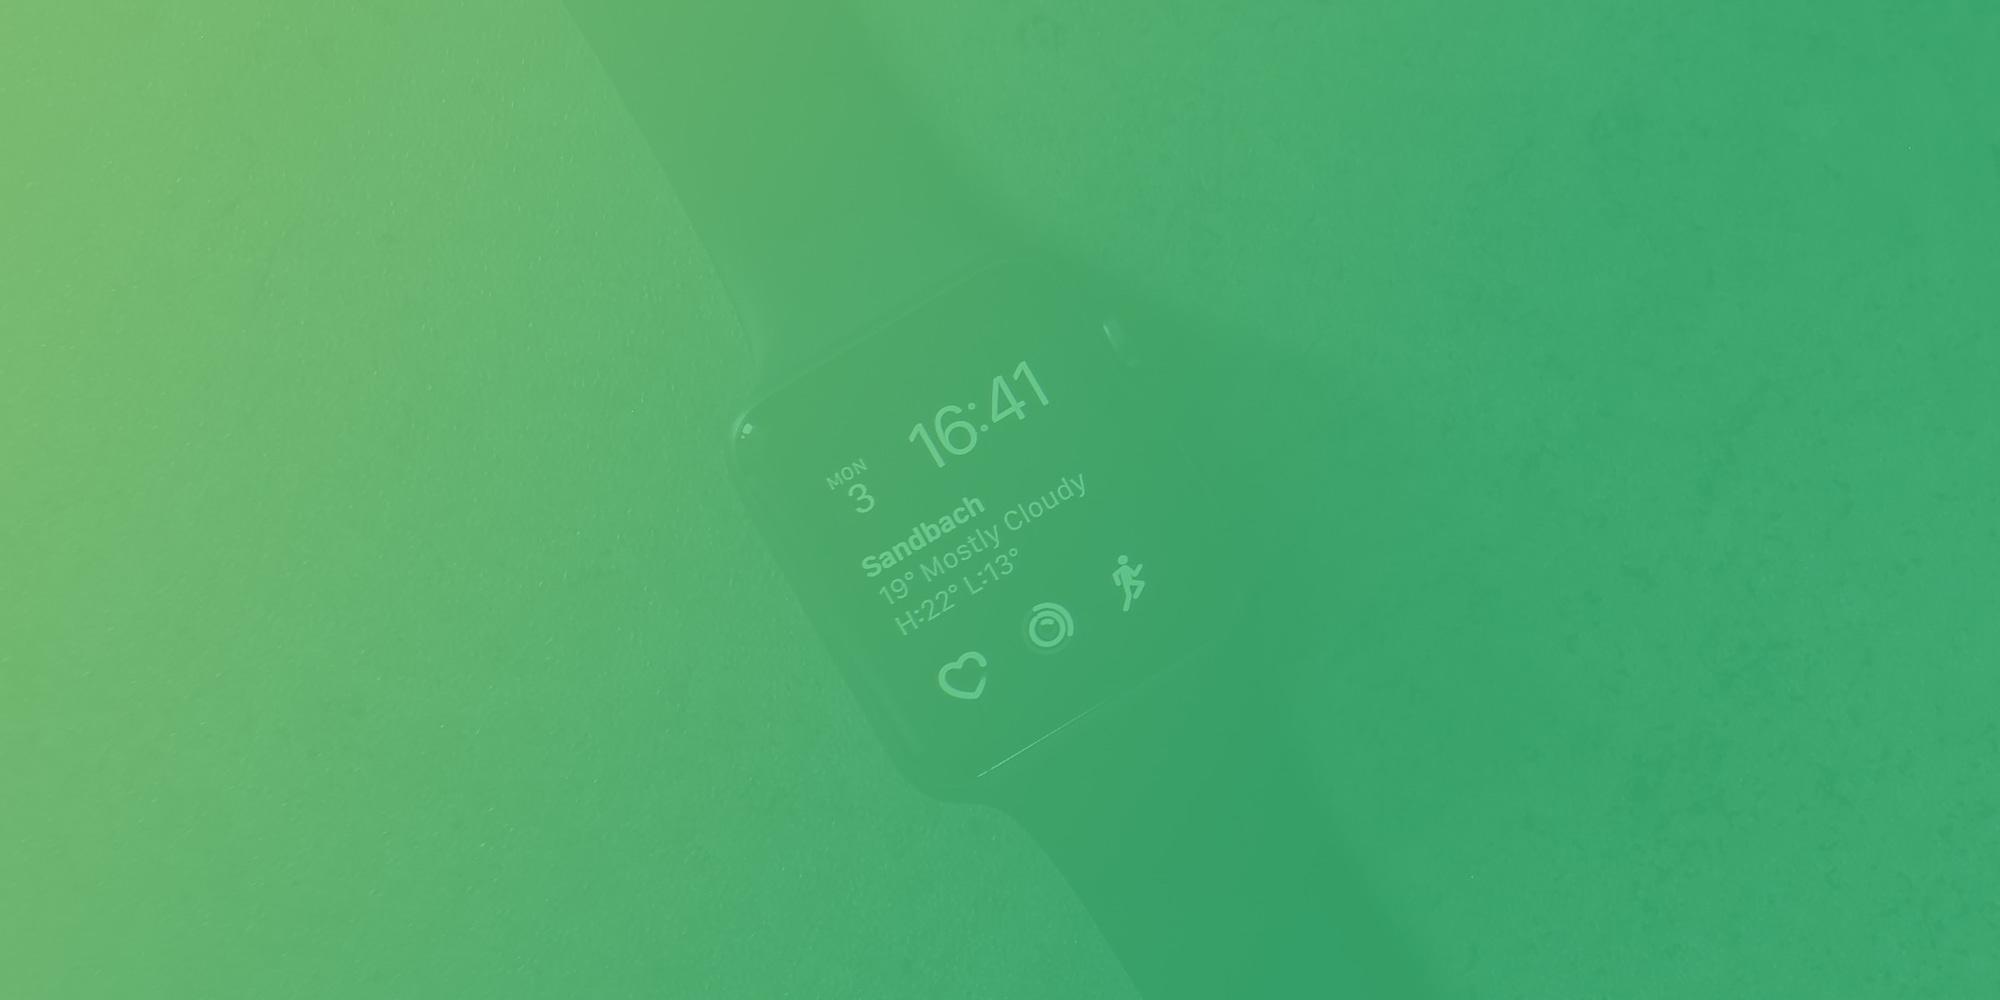 Apple-app-banner